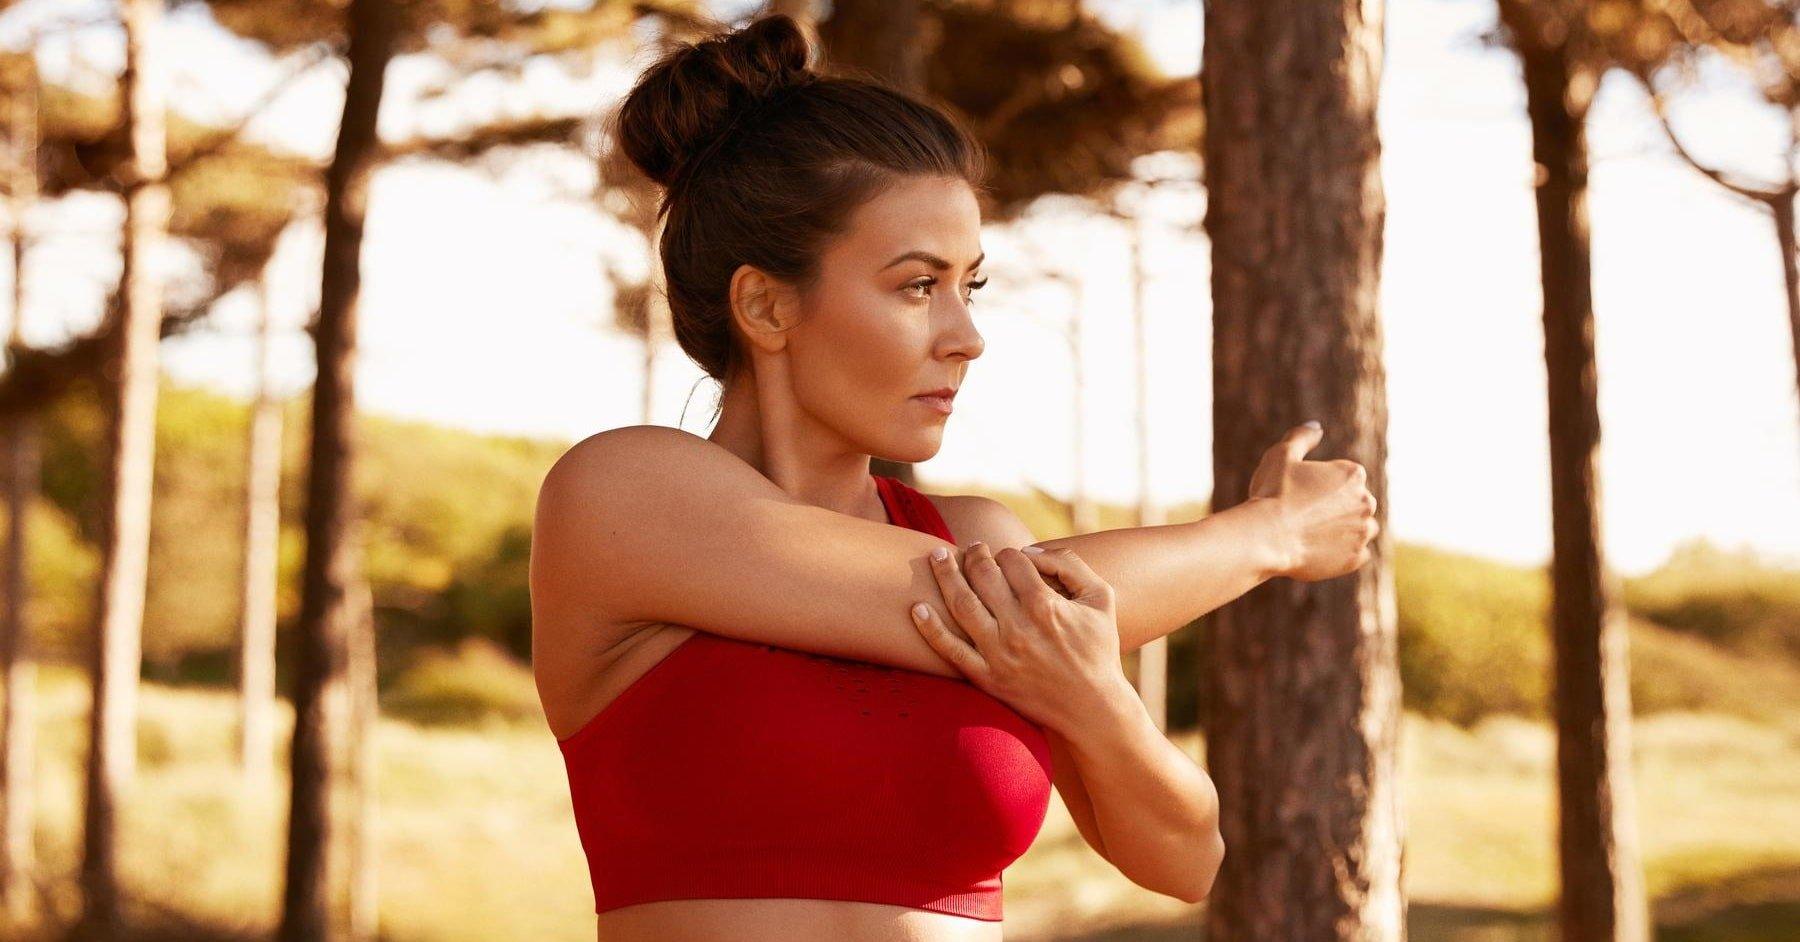 ¿Son necesarias las agujetas después de un entrenamiento para progresar?